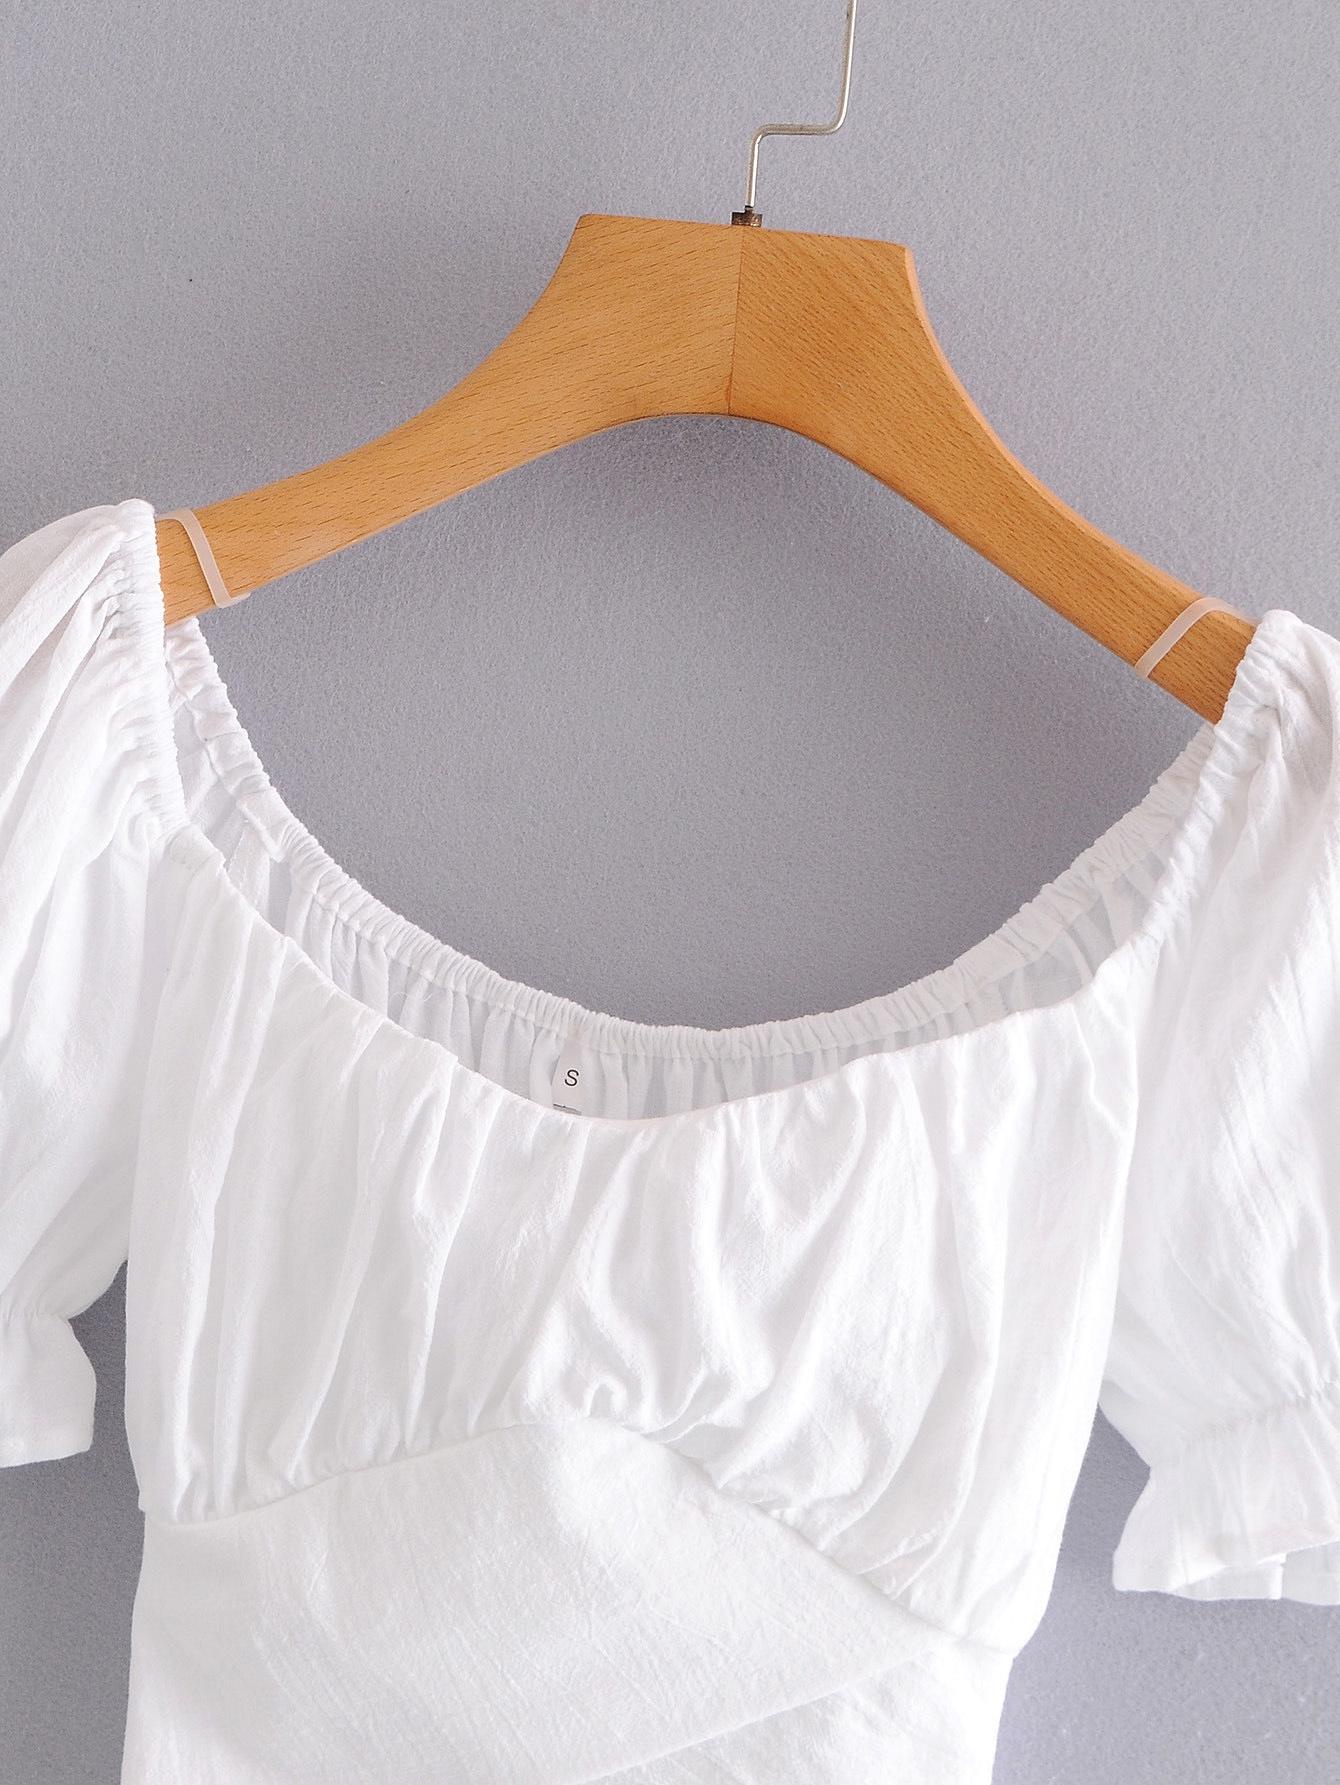 Kadınlar için Q0769-Rüzgar Kadın Giyim gömlek 2020 Yaz yeni kısa tek satırlık yaka bağcıklı kabarcık kollu gömlek